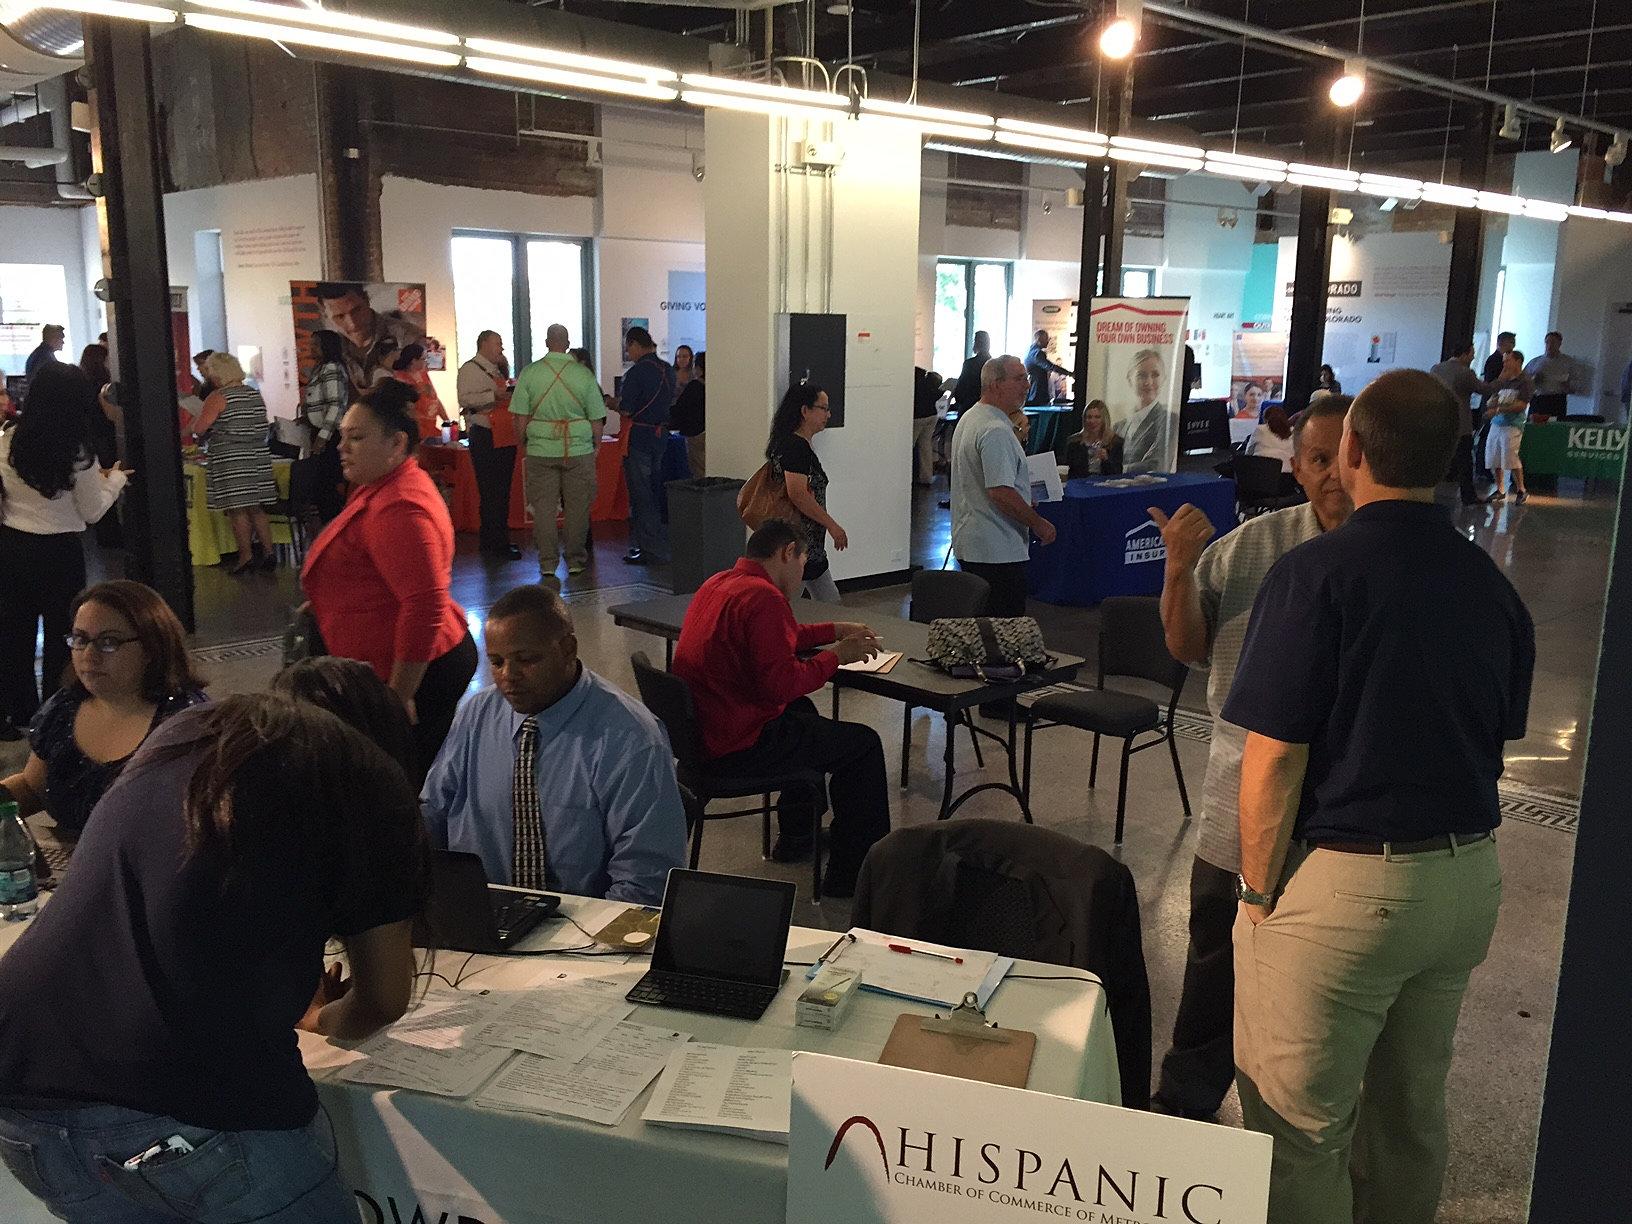 denver hispanic chamber of commerce diversity job fair 9 23